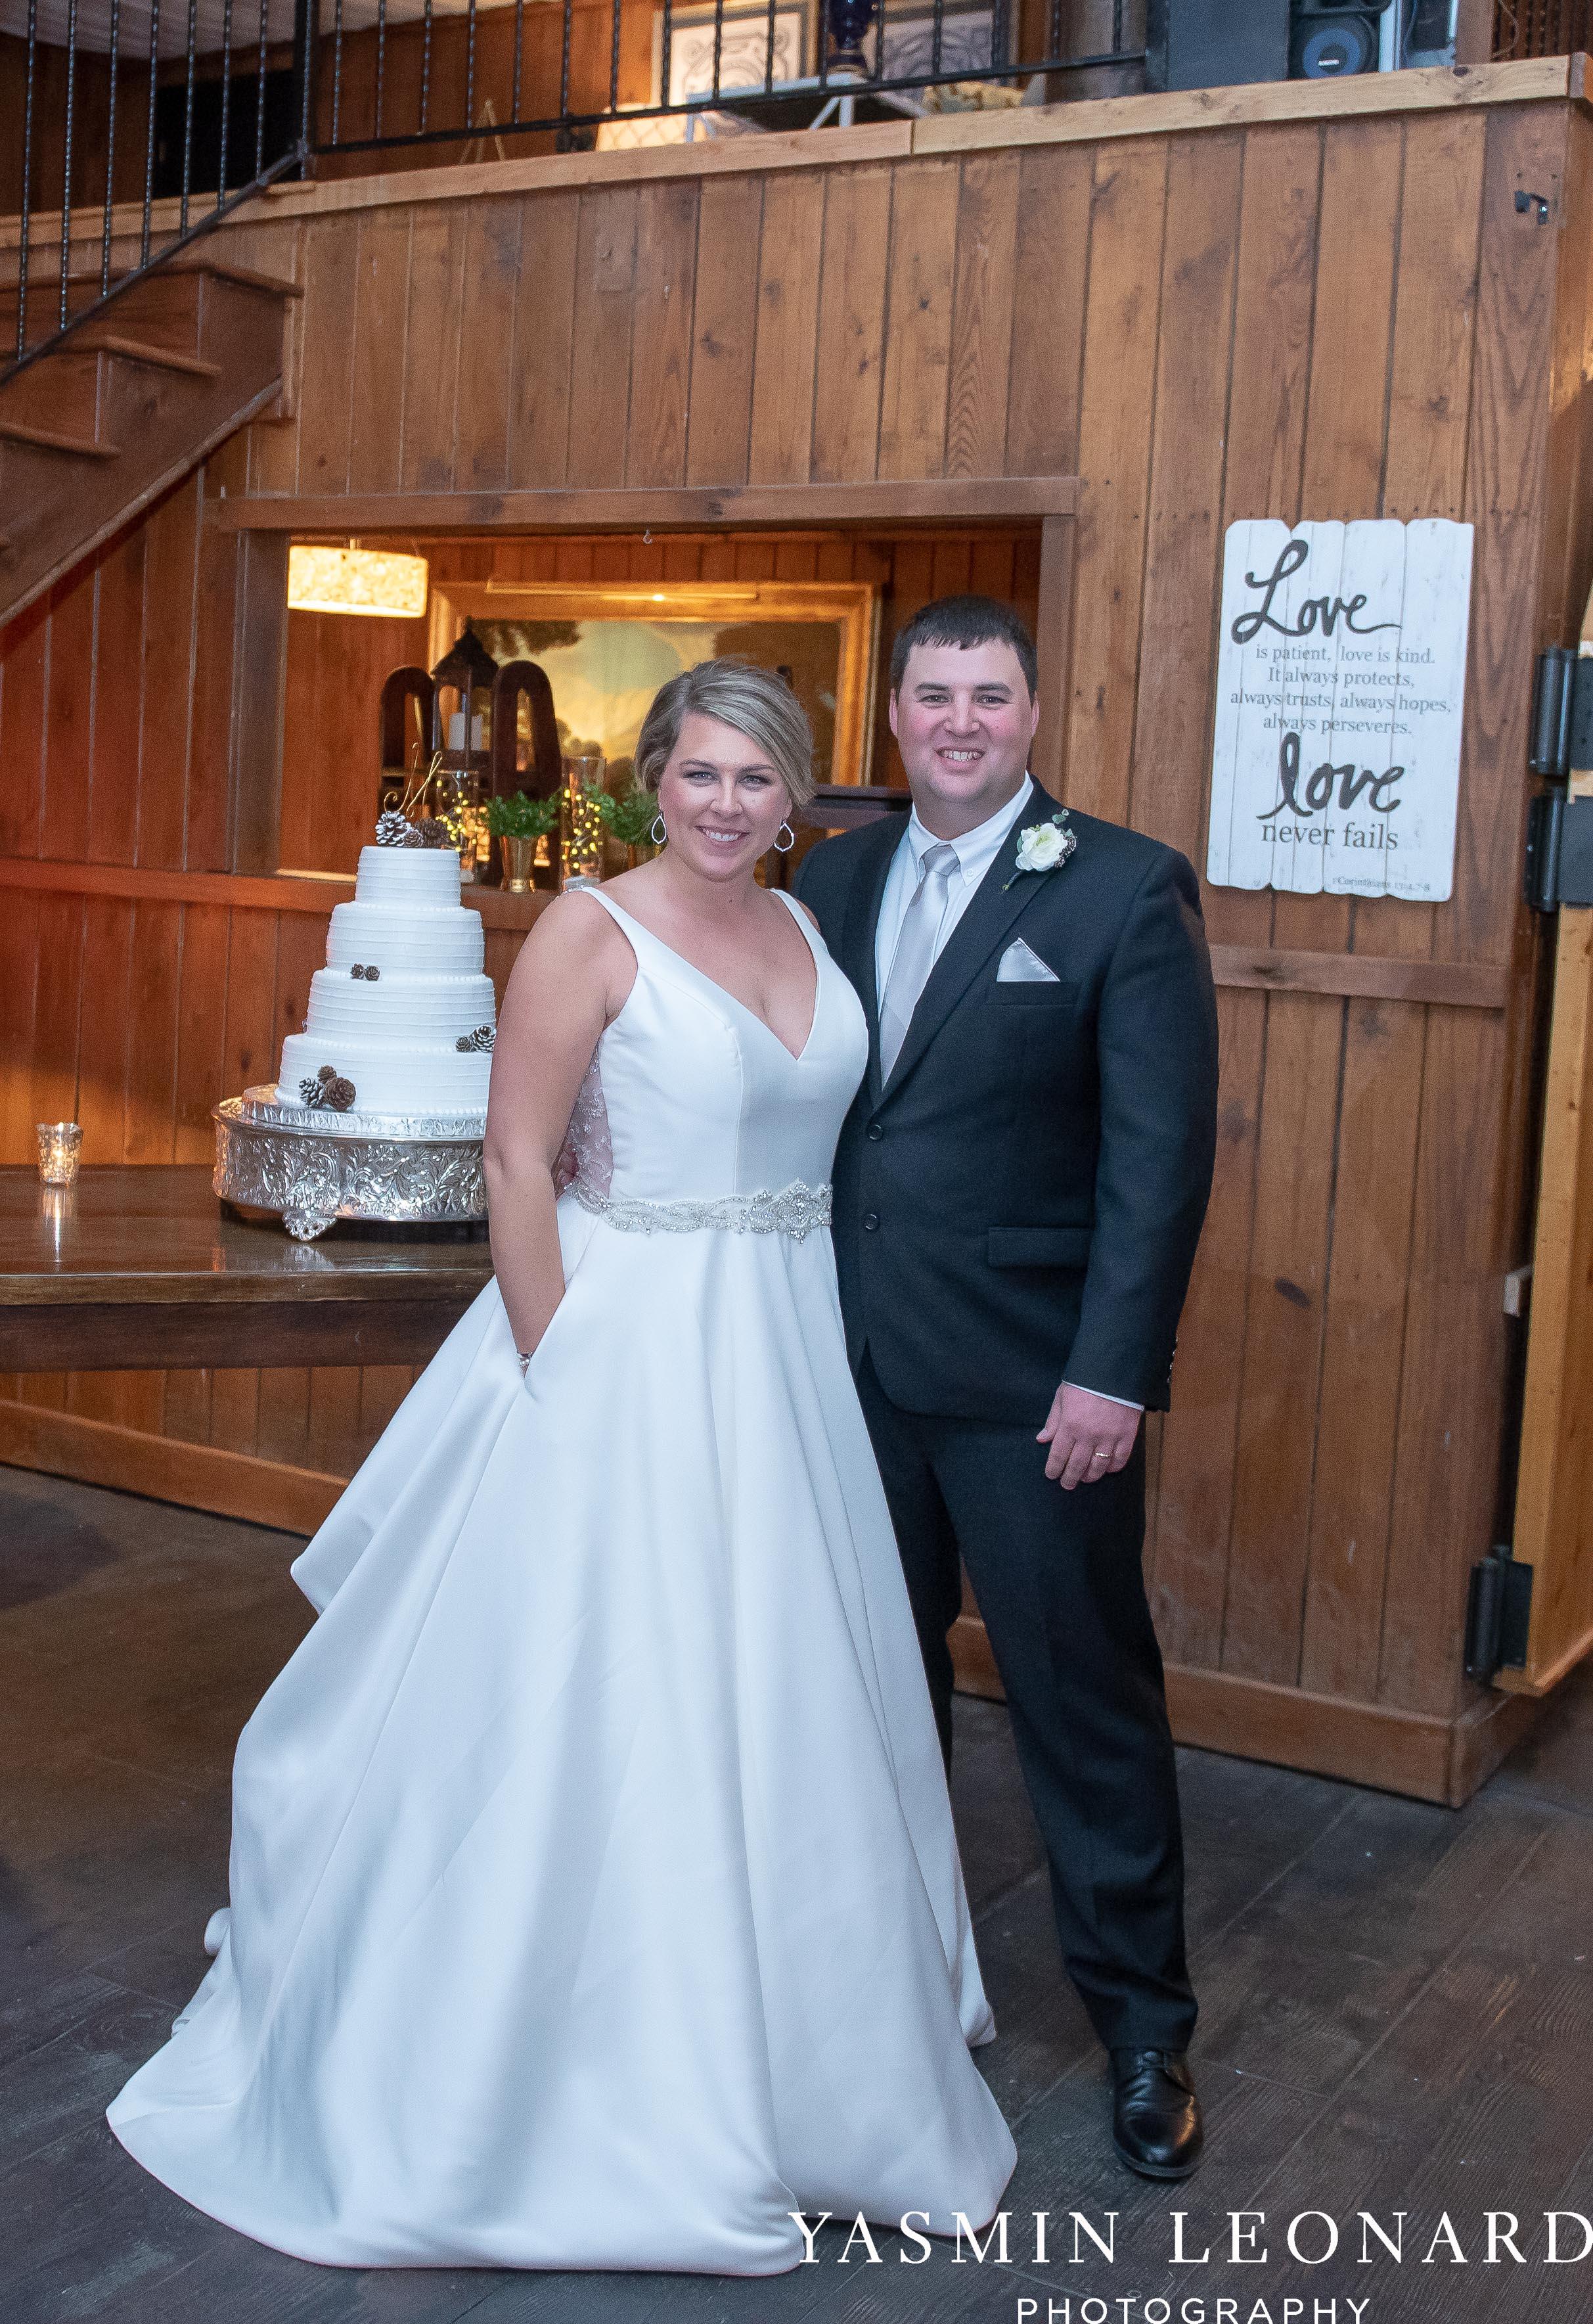 Adaumont Farm - Wesley Memorial Weddings - High Point Weddings - Just Priceless - NC Wedding Photographer - Yasmin Leonard Photography - High Point Wedding Vendors-64.jpg